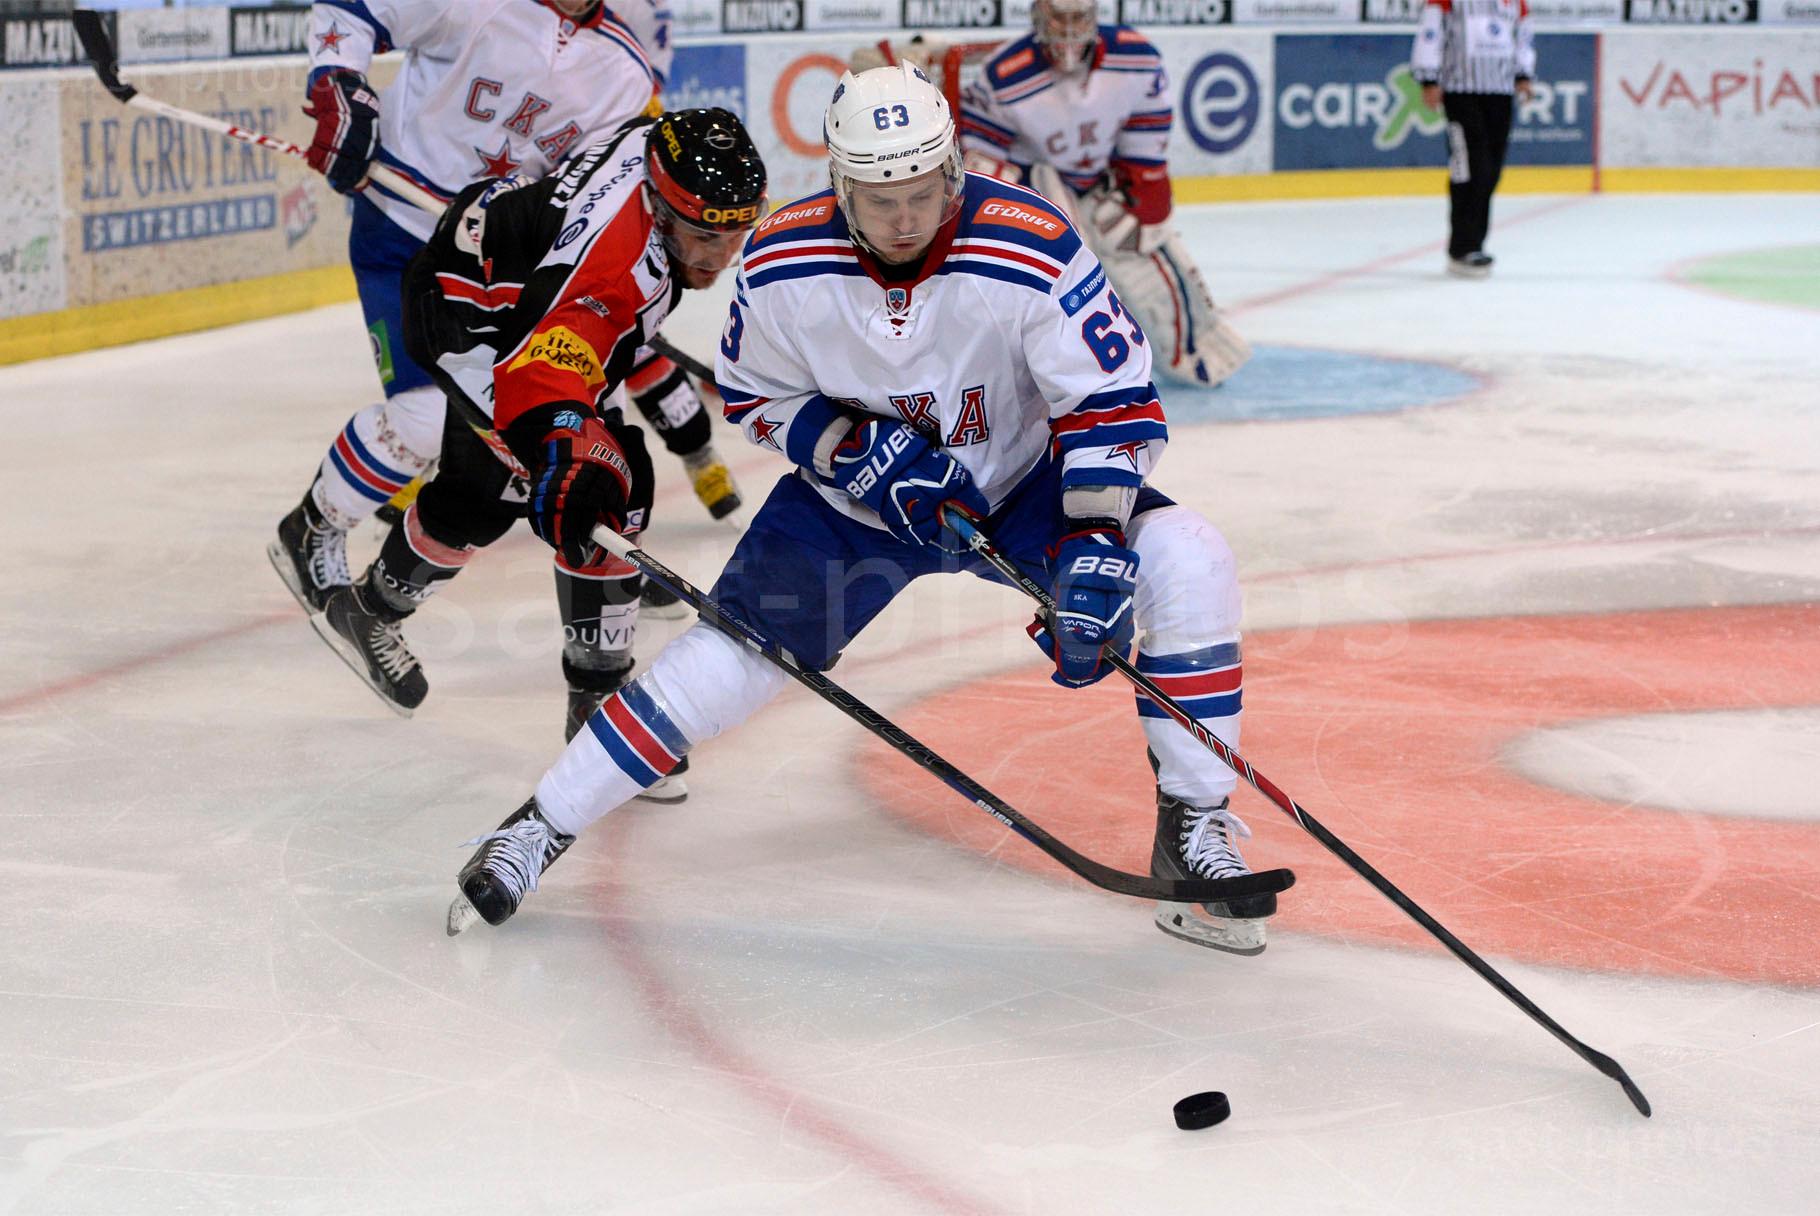 Thibaut Monnet (L. Fribourg) gegen Evgeny Dadonov (St. Petersburg)